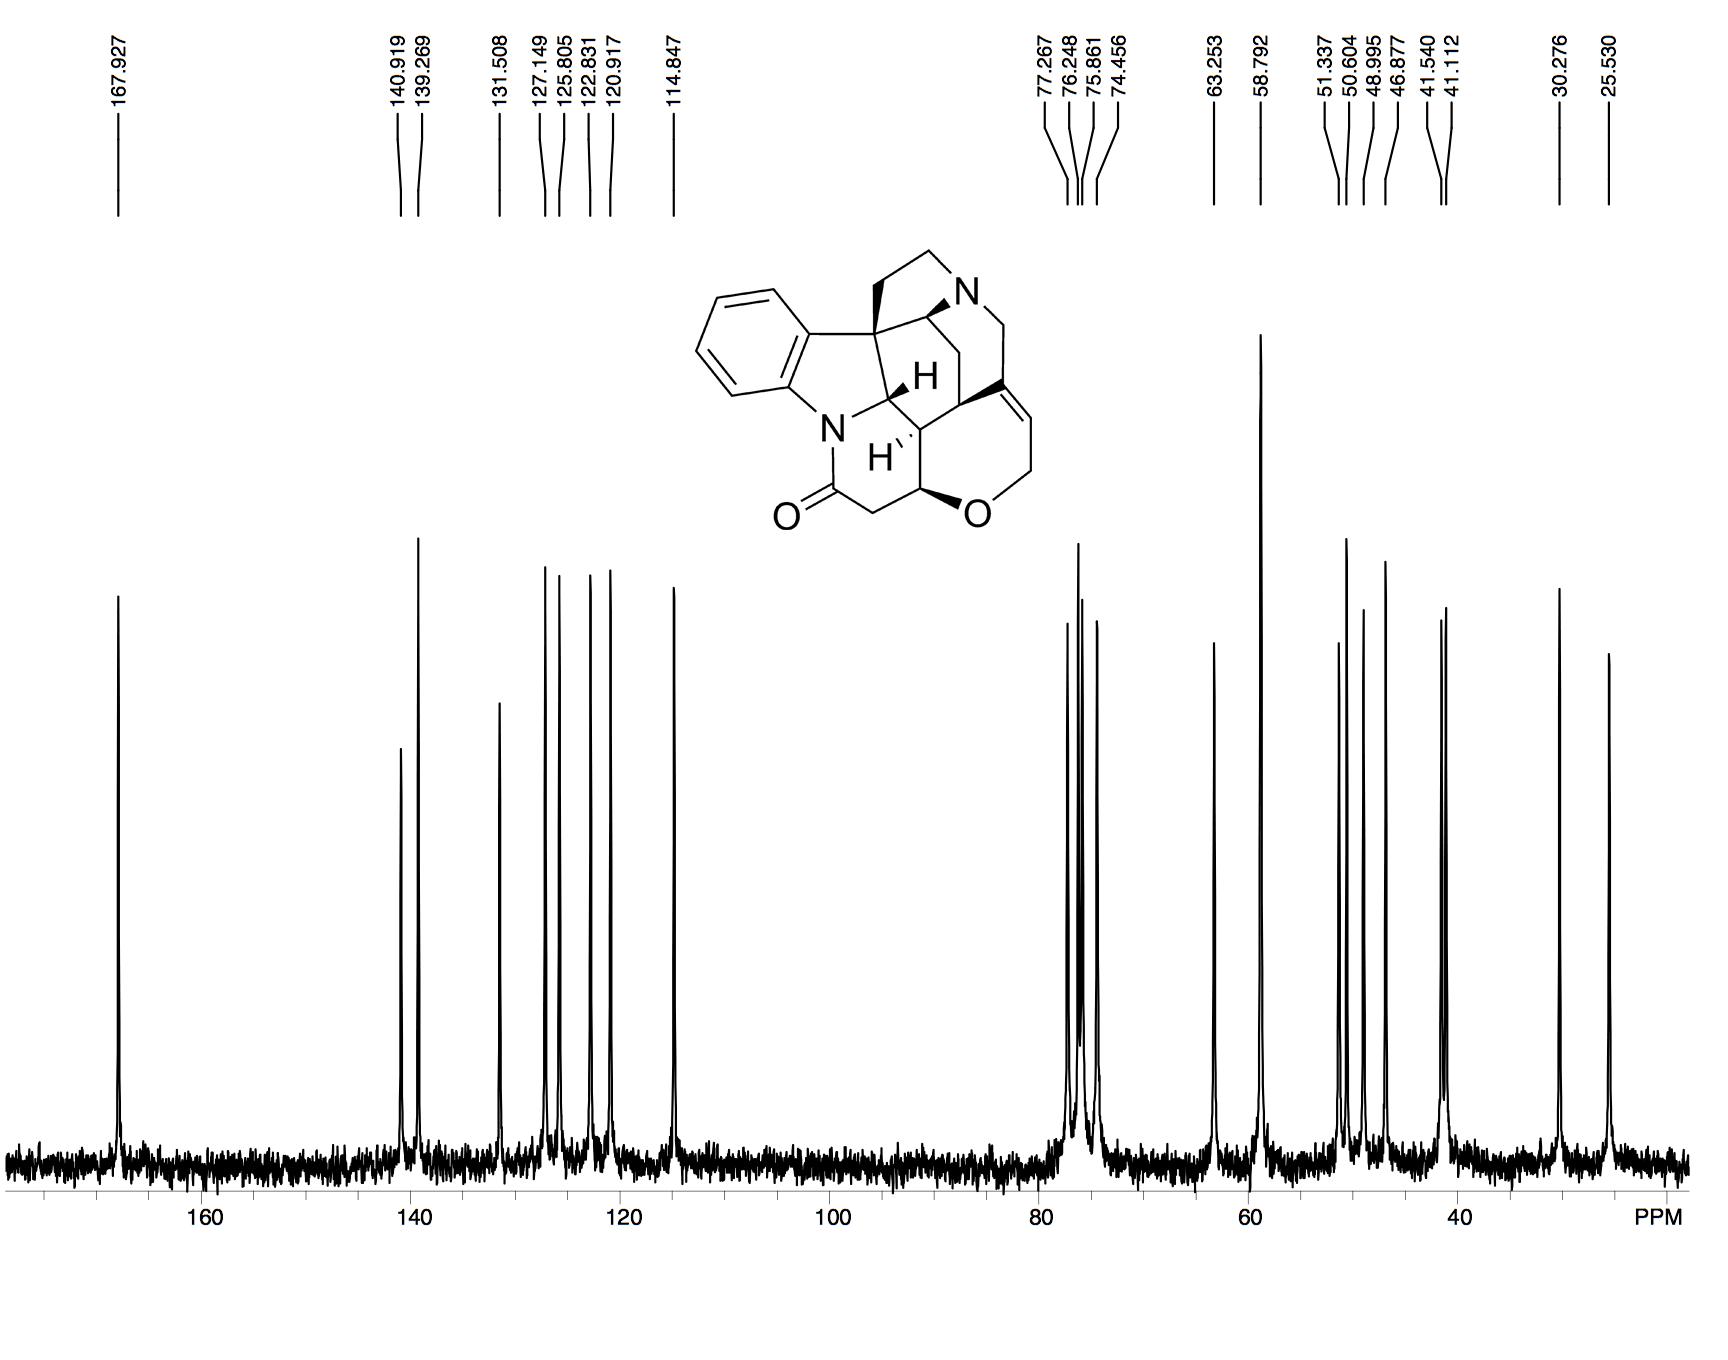 Anasazi Instruments 13C spectrum with strychnine molecular structure graph